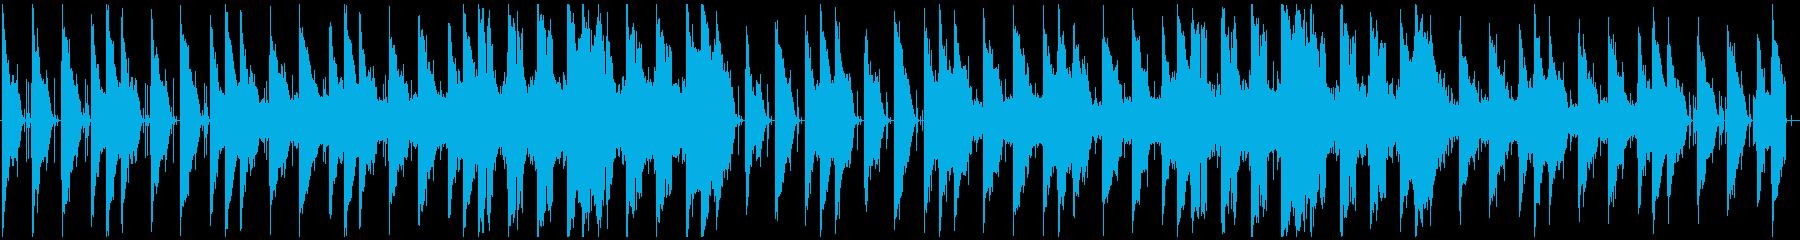 宇宙を感じるLofi beatの再生済みの波形